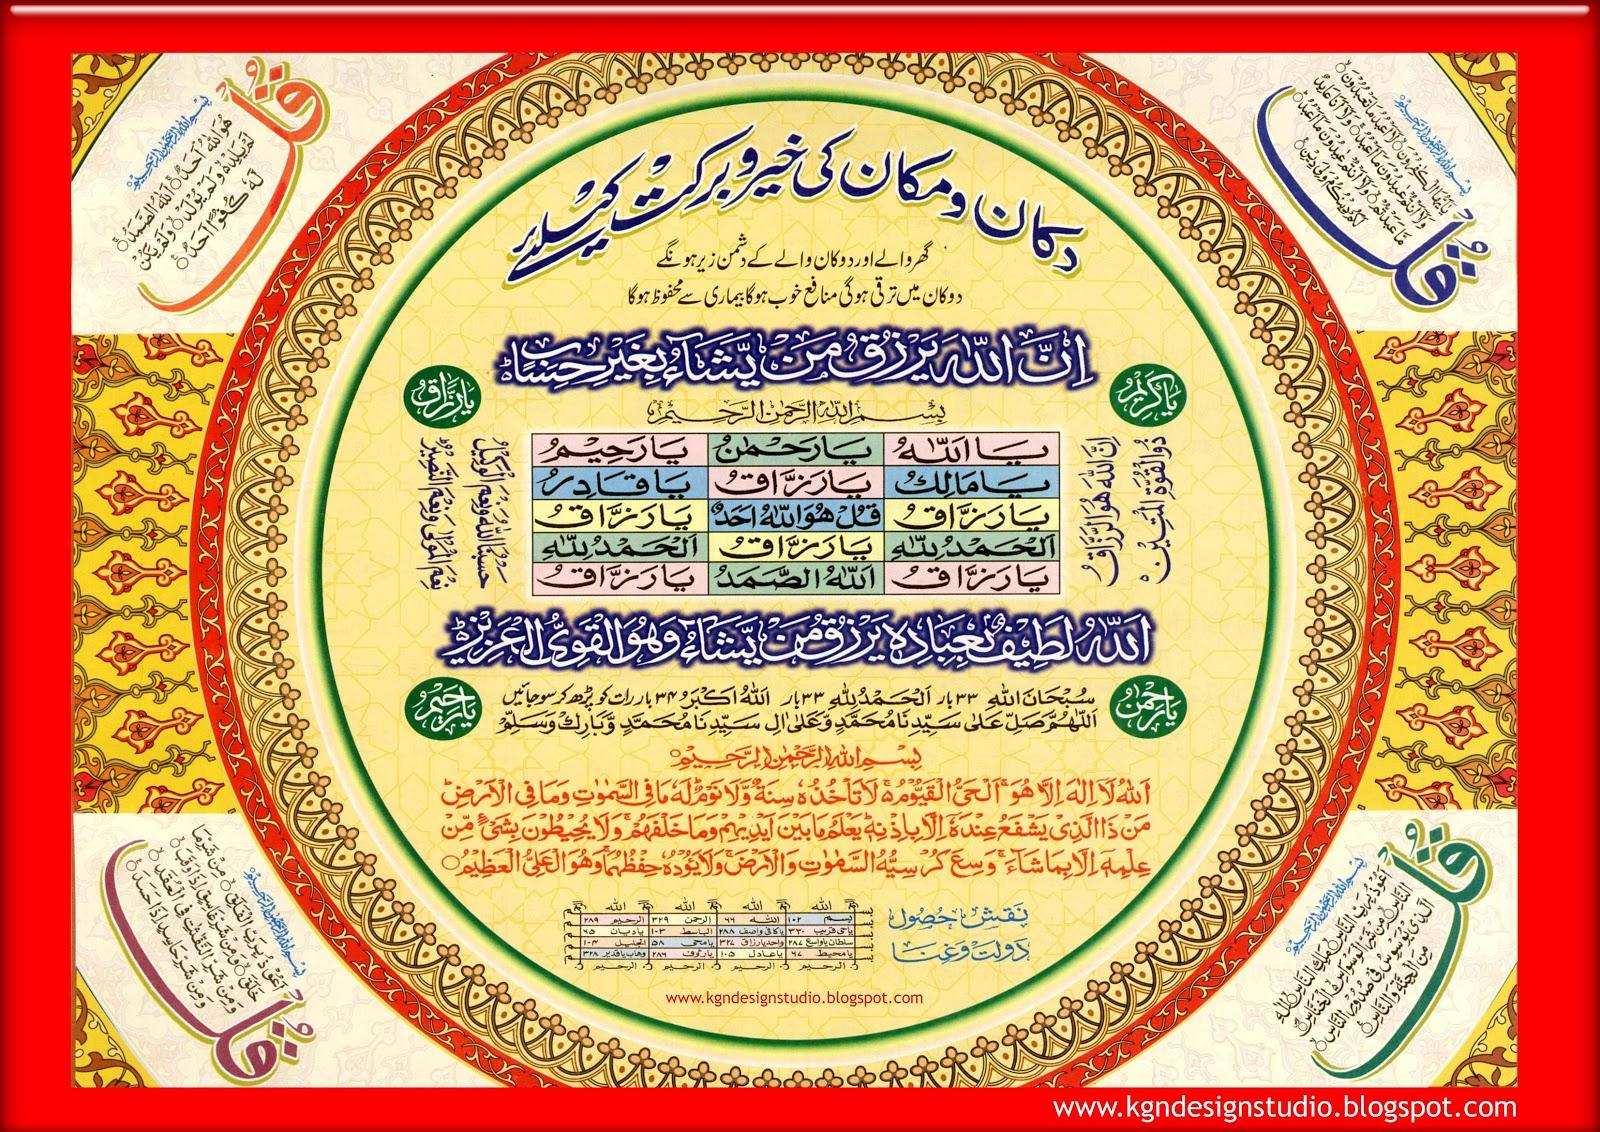 http://1.bp.blogspot.com/--vSgjXhyFOk/UObX1Un7TAI/AAAAAAAACRI/v3z_v3uLZbs/s1600/Eid-e-Milad-Wallpaper-15.jpg